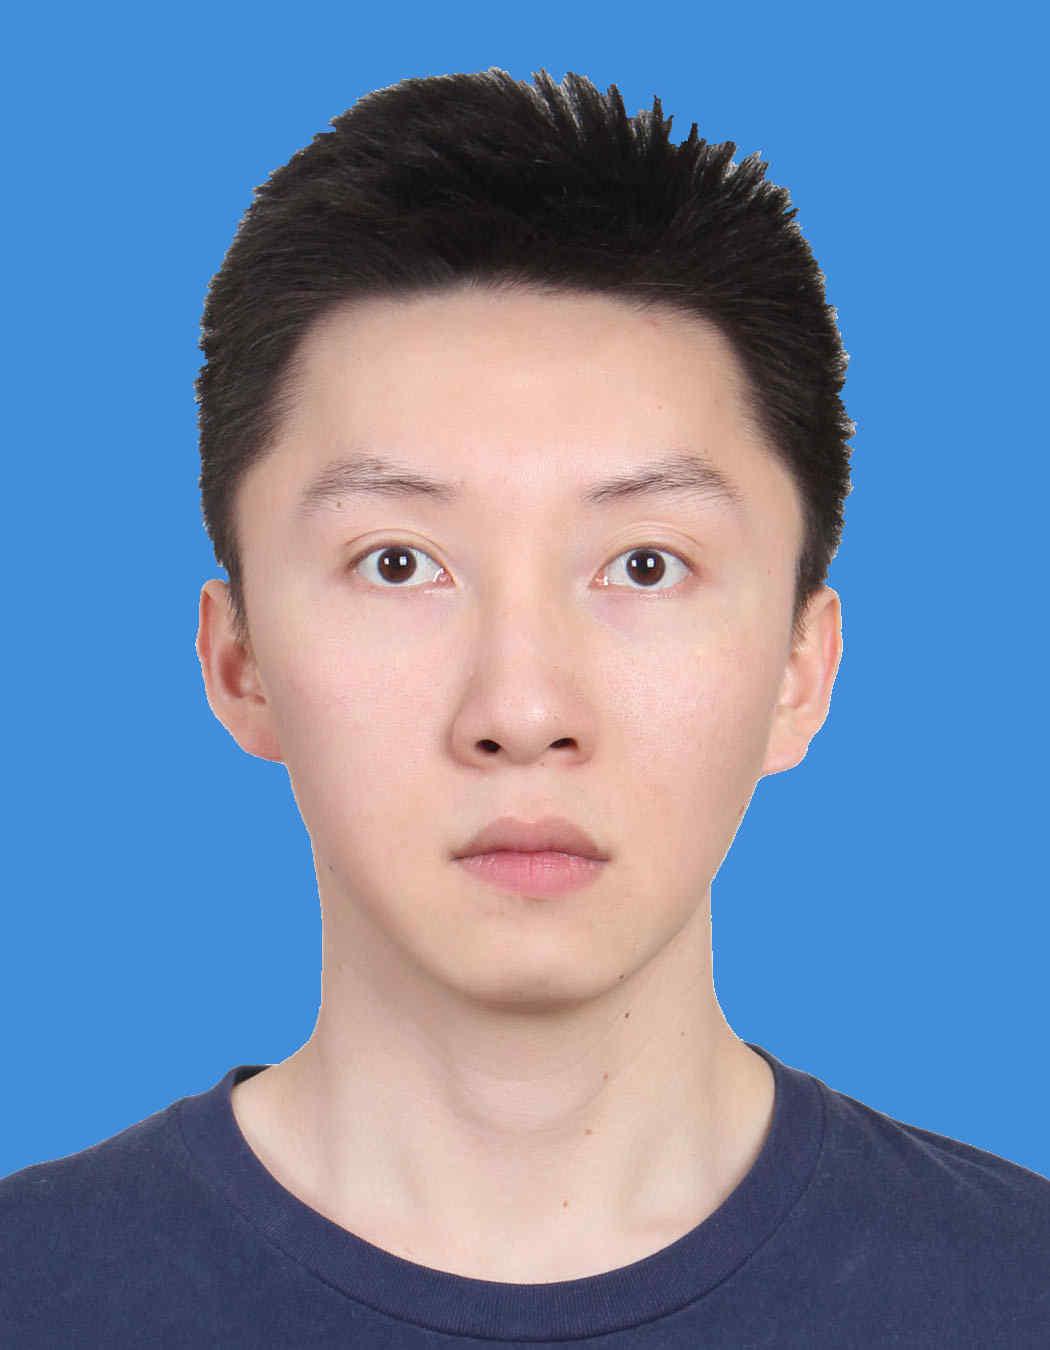 江颛律师信息_江颛律师个人案例 - 律师百科网